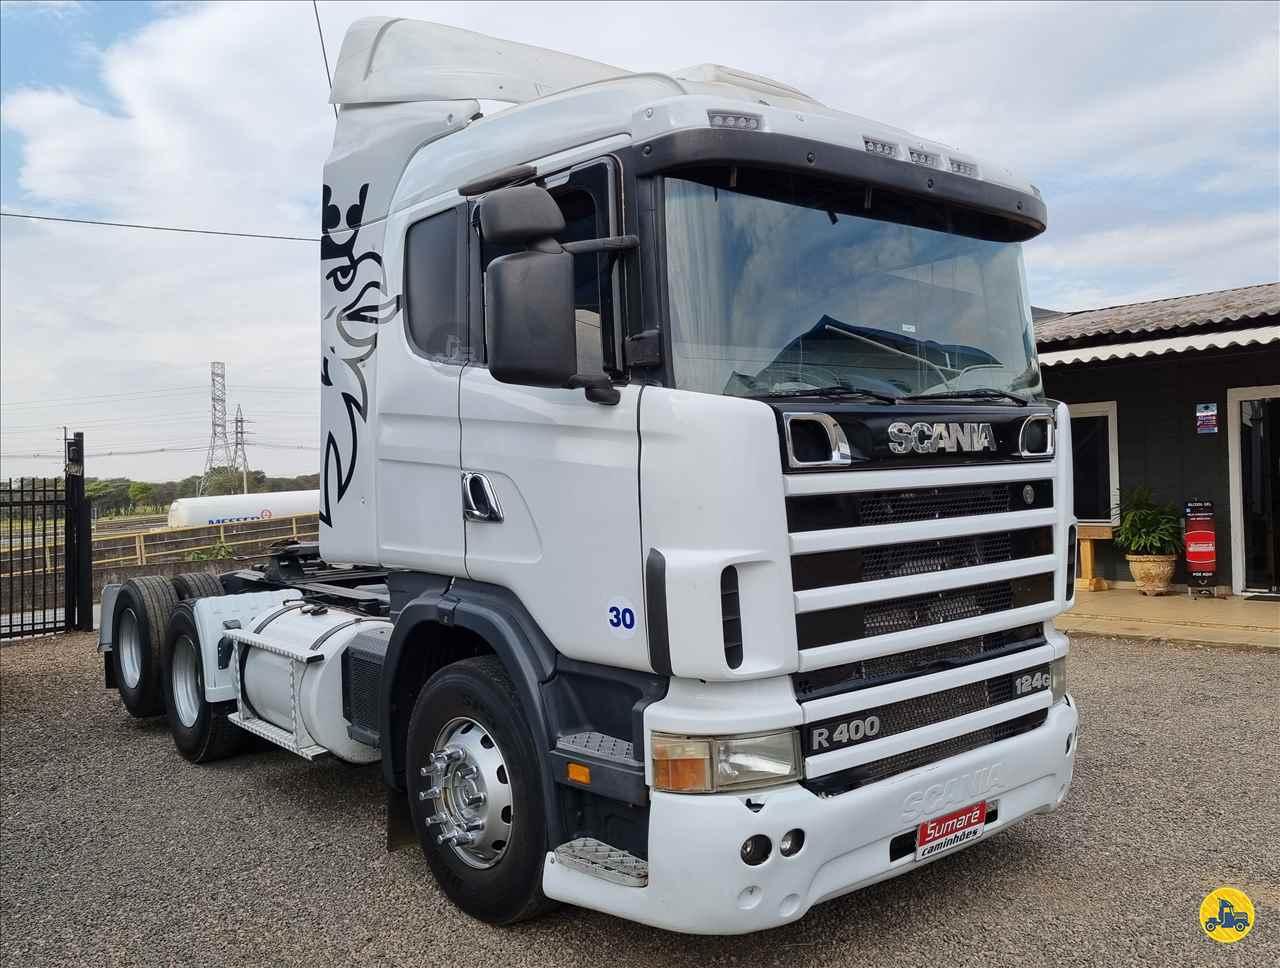 SCANIA 124 400 de Sumaré Caminhões - SUMARE/SP